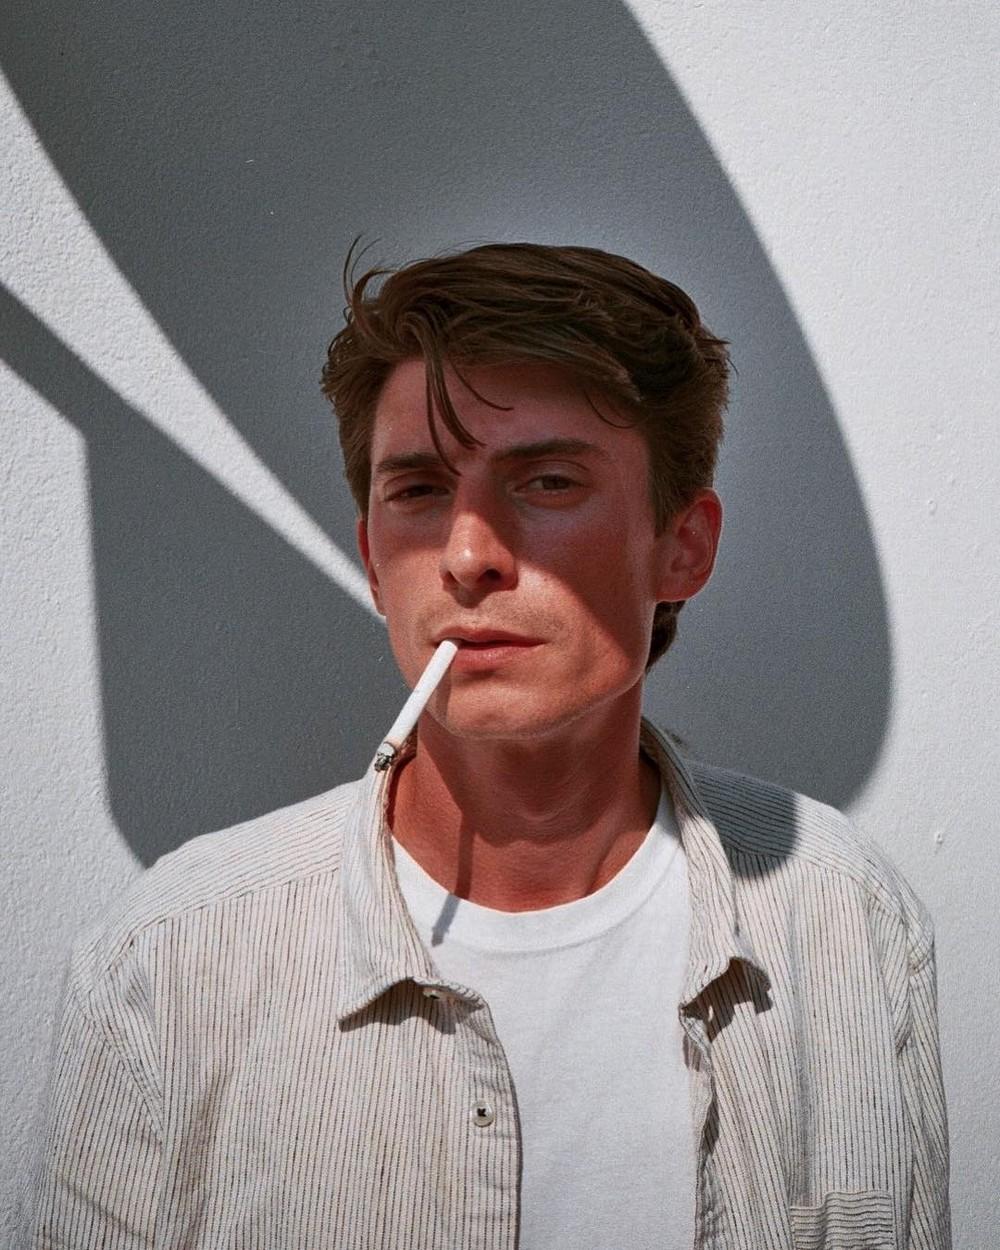 Портреты молодых британцев от Роба Кьернандера